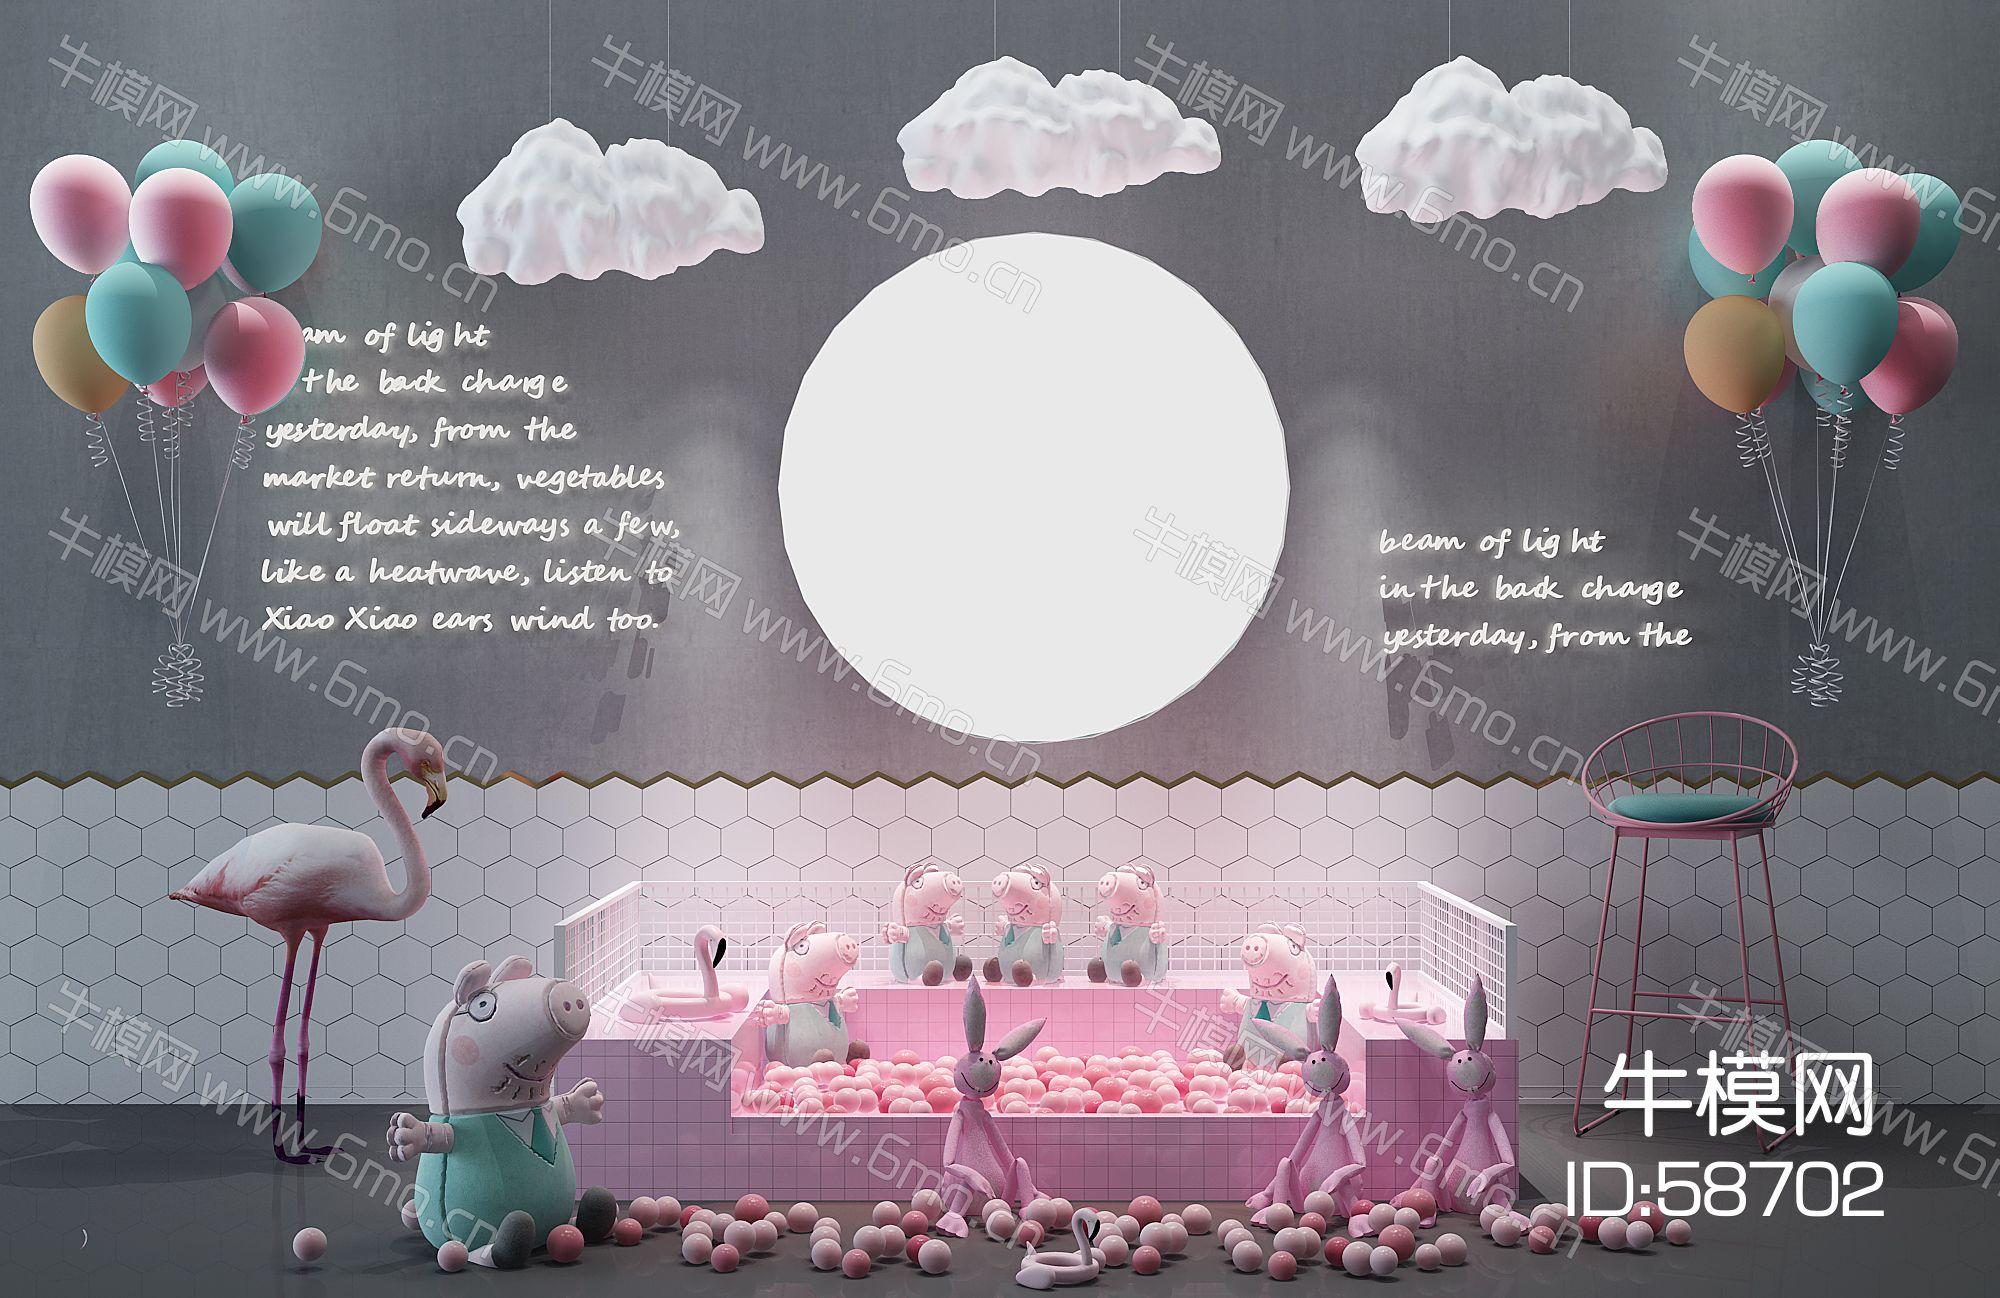 现代网红美陈背儿童公主景墙海洋球小猪佩奇气球云朵吊灯火烈鸟